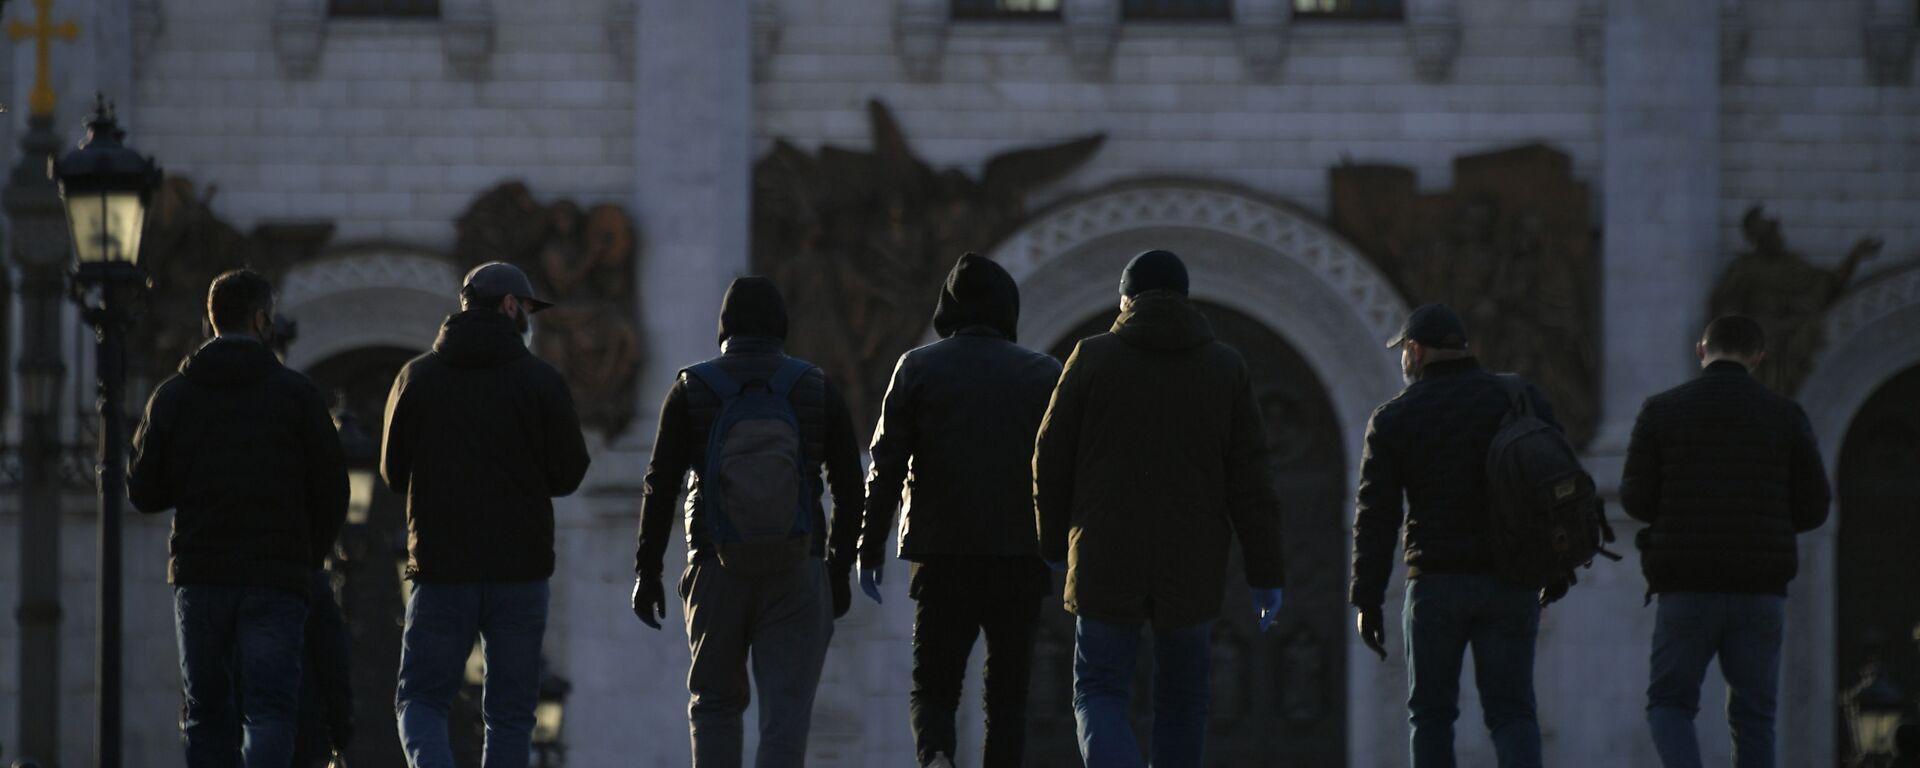 Пешеходы идут по Патриаршему мосту в Москве - Sputnik Ўзбекистон, 1920, 22.04.2021